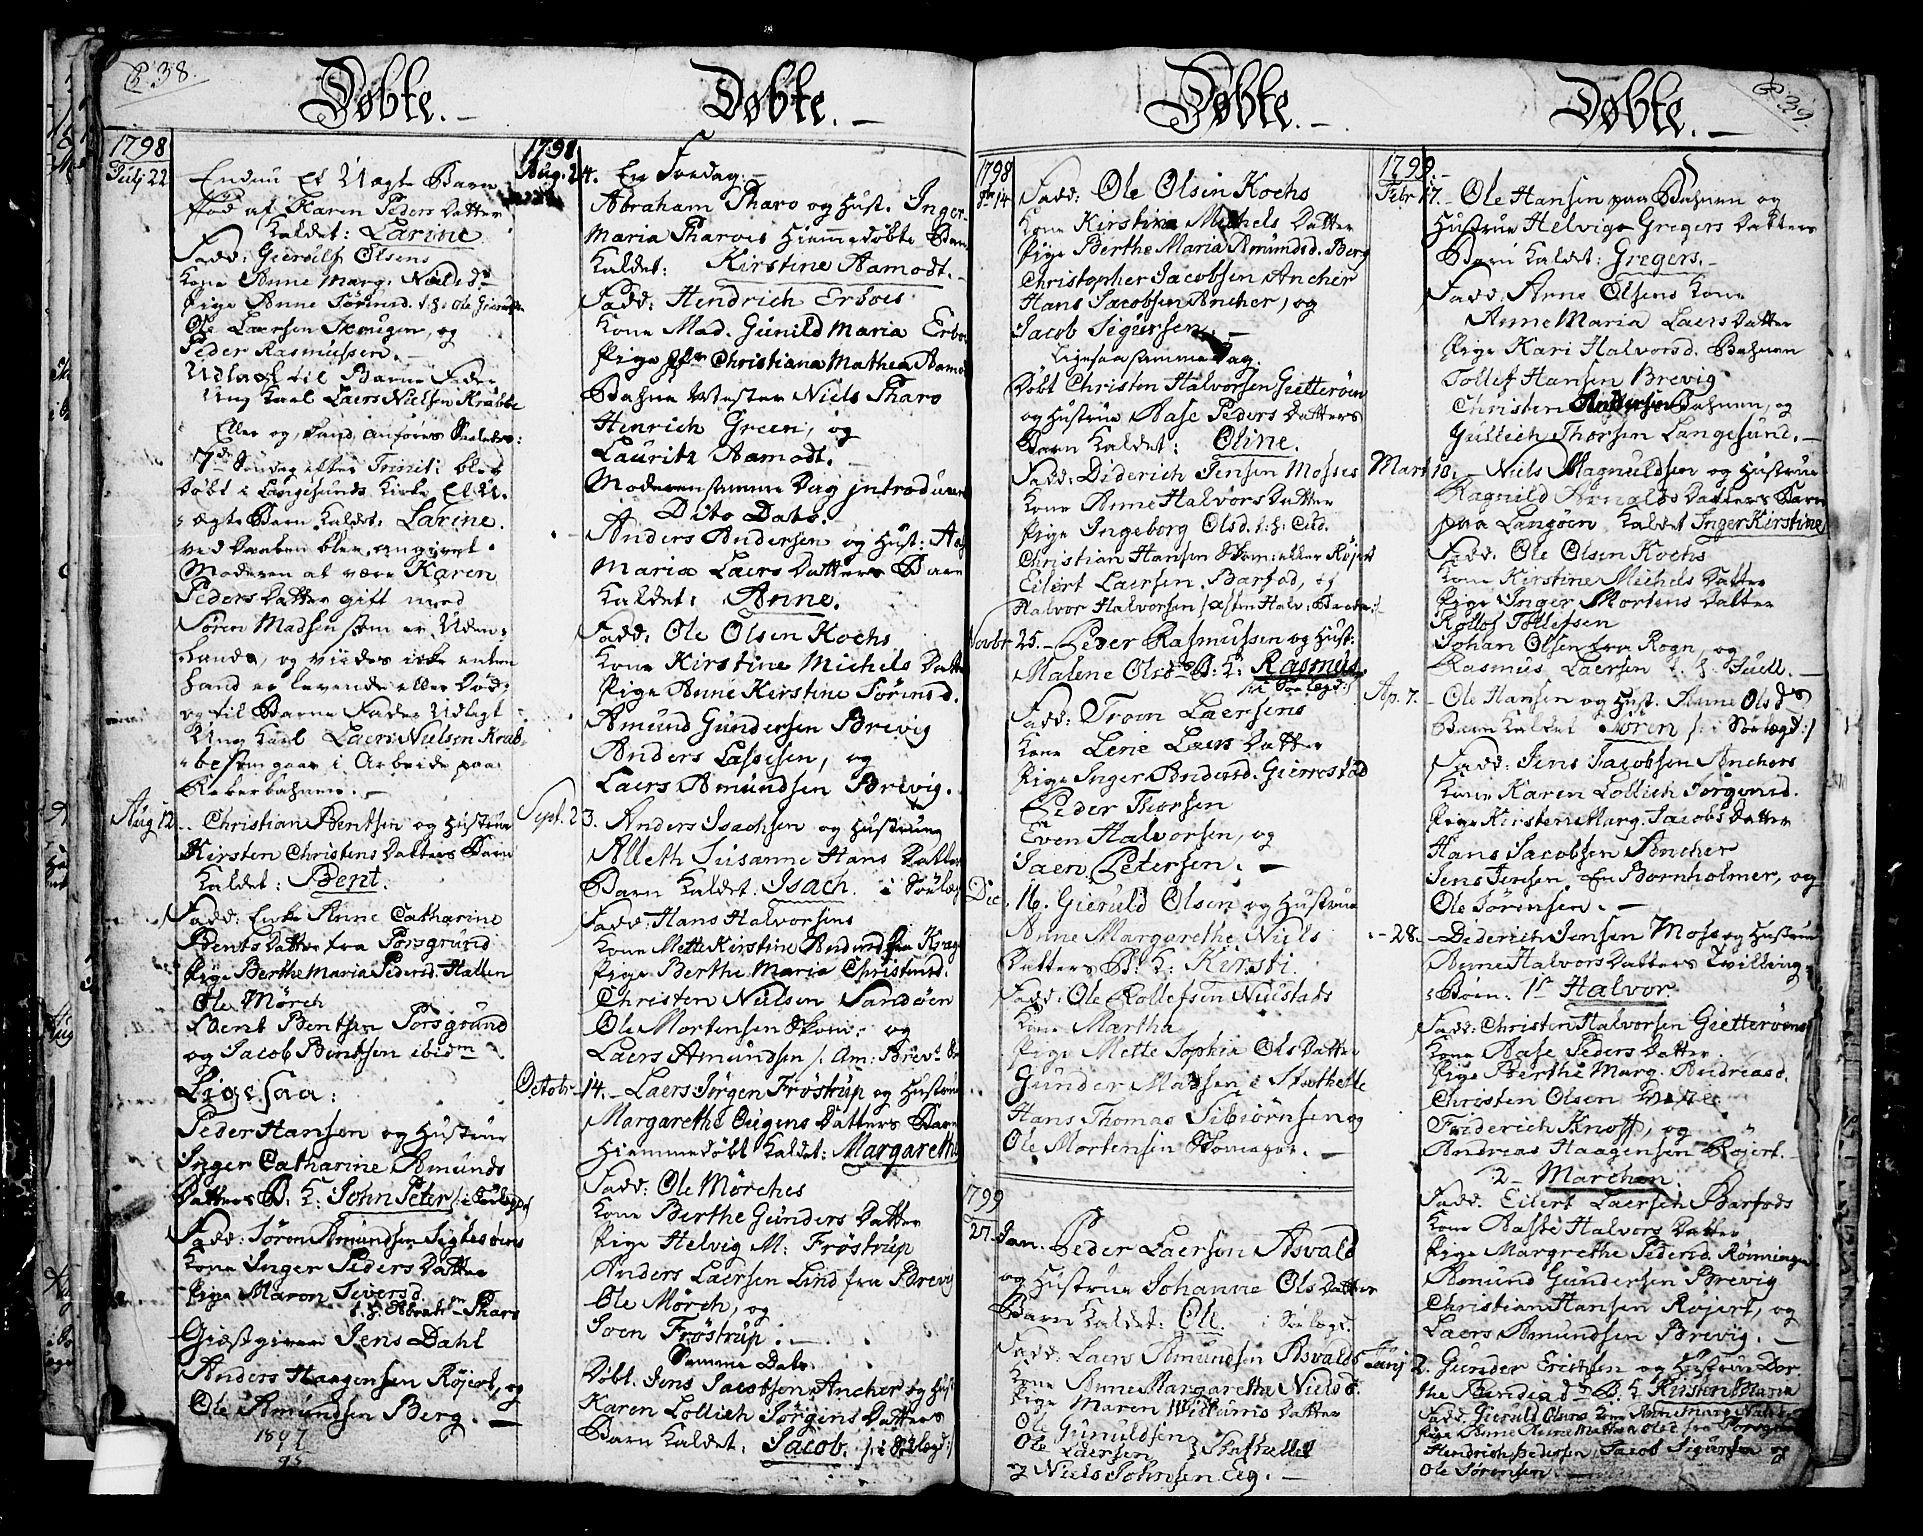 SAKO, Langesund kirkebøker, G/Ga/L0001: Klokkerbok nr. 1, 1783-1801, s. 38-39